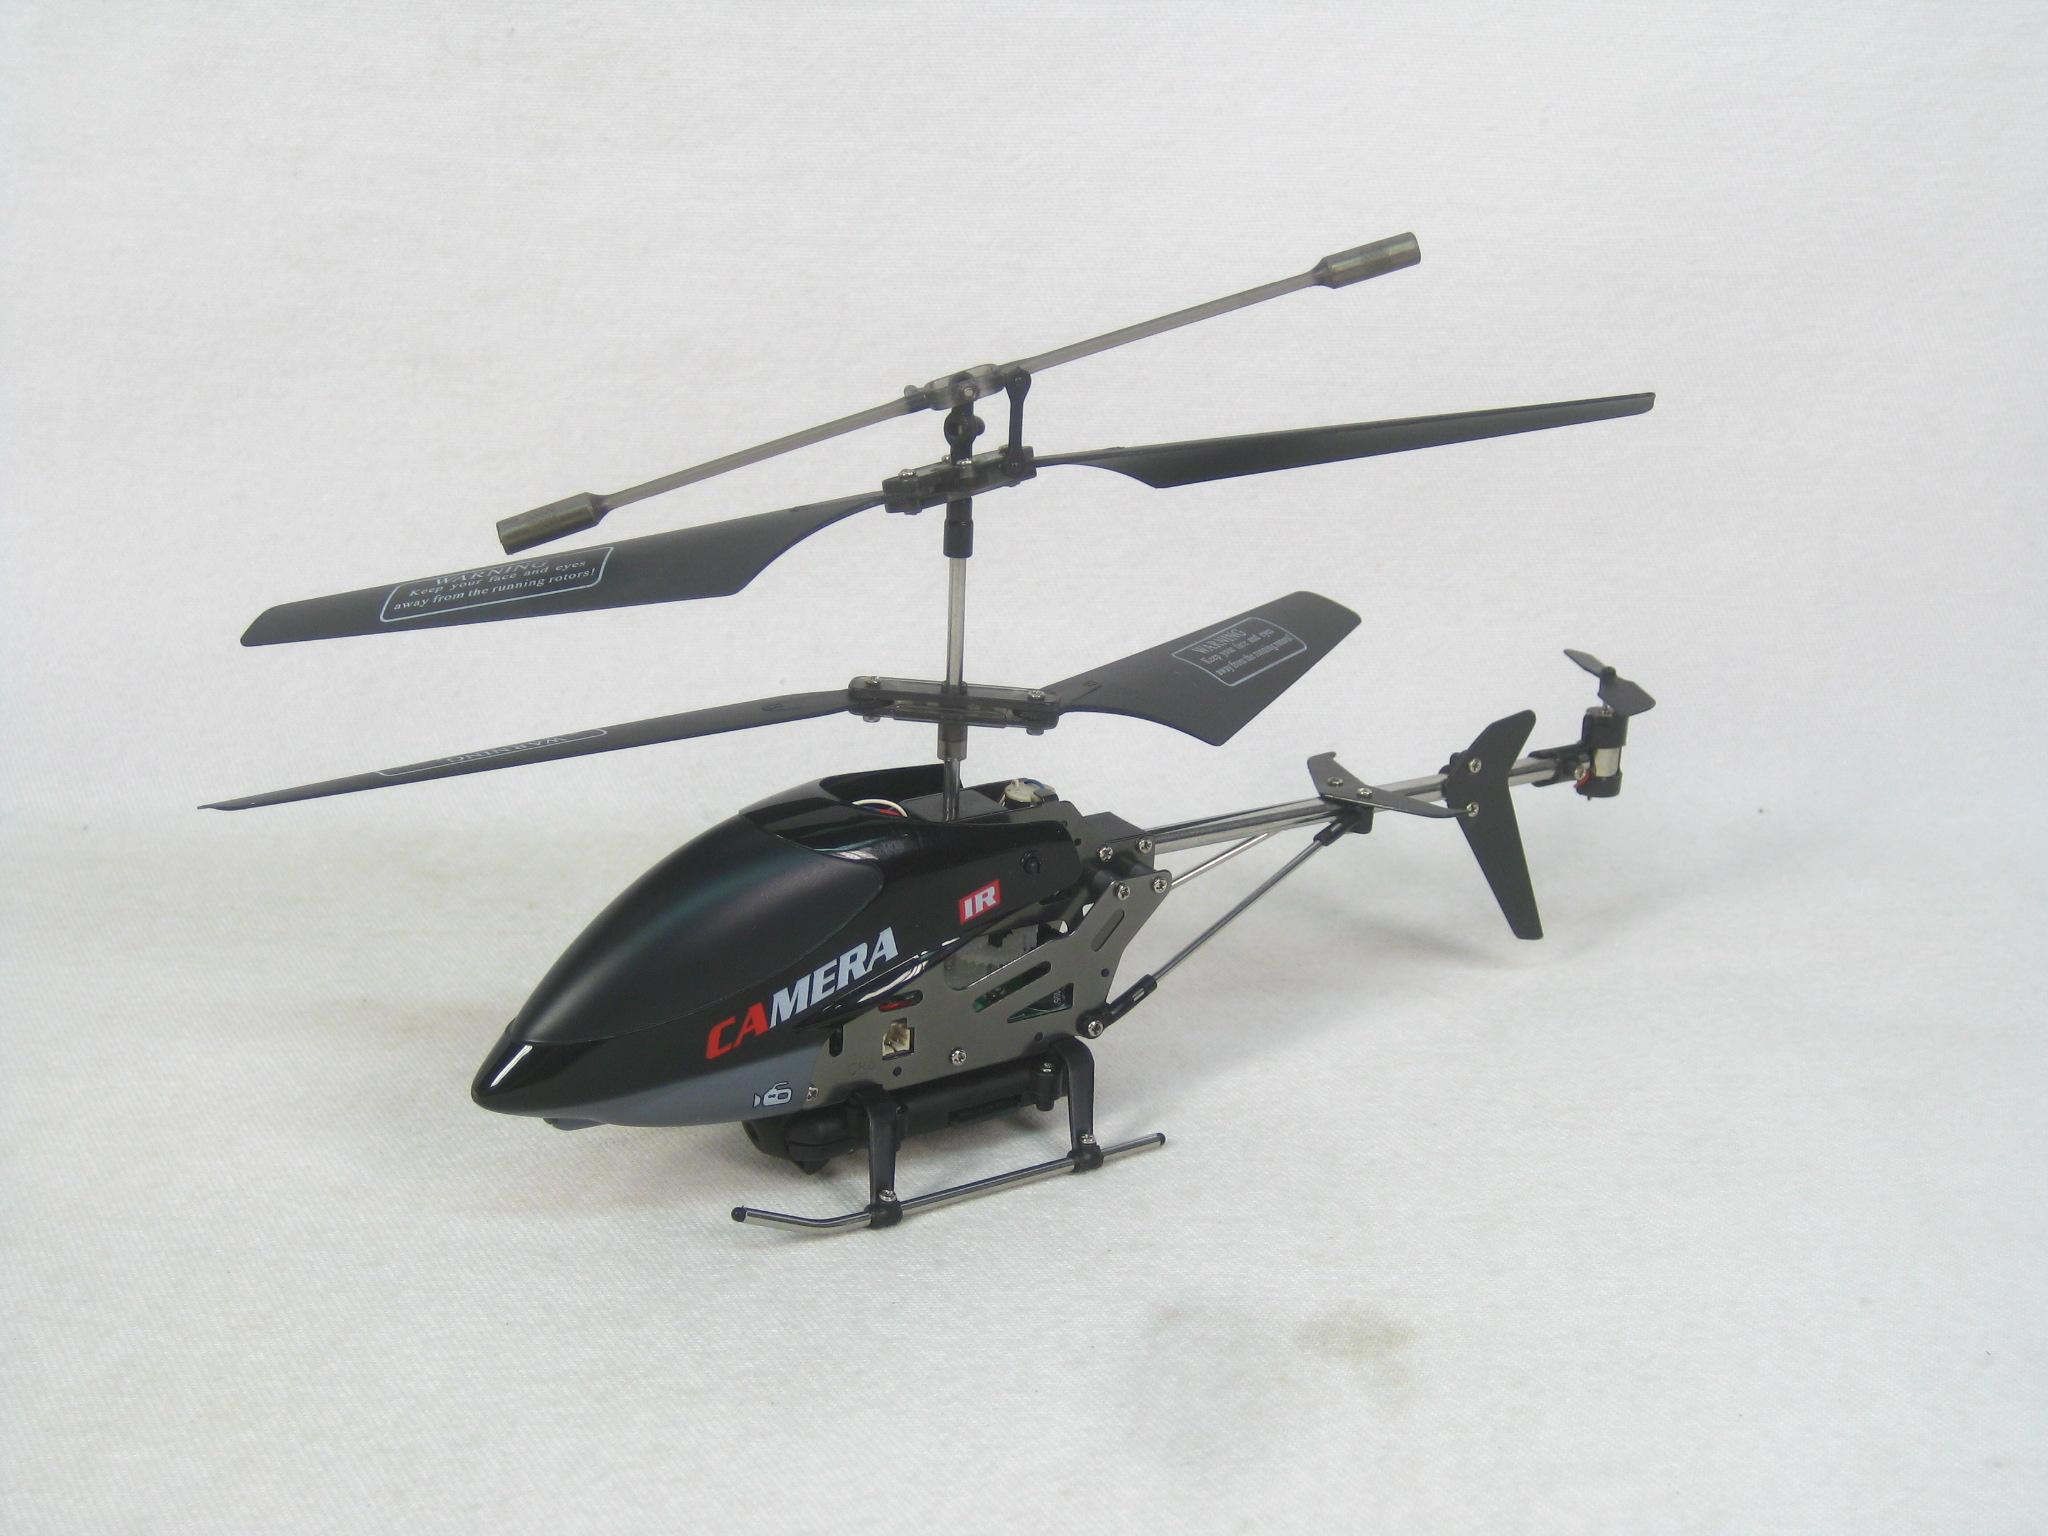 Elicottero Telecomandato Con Telecamera : Elicottero radiocomandato con telecamera artdesigns